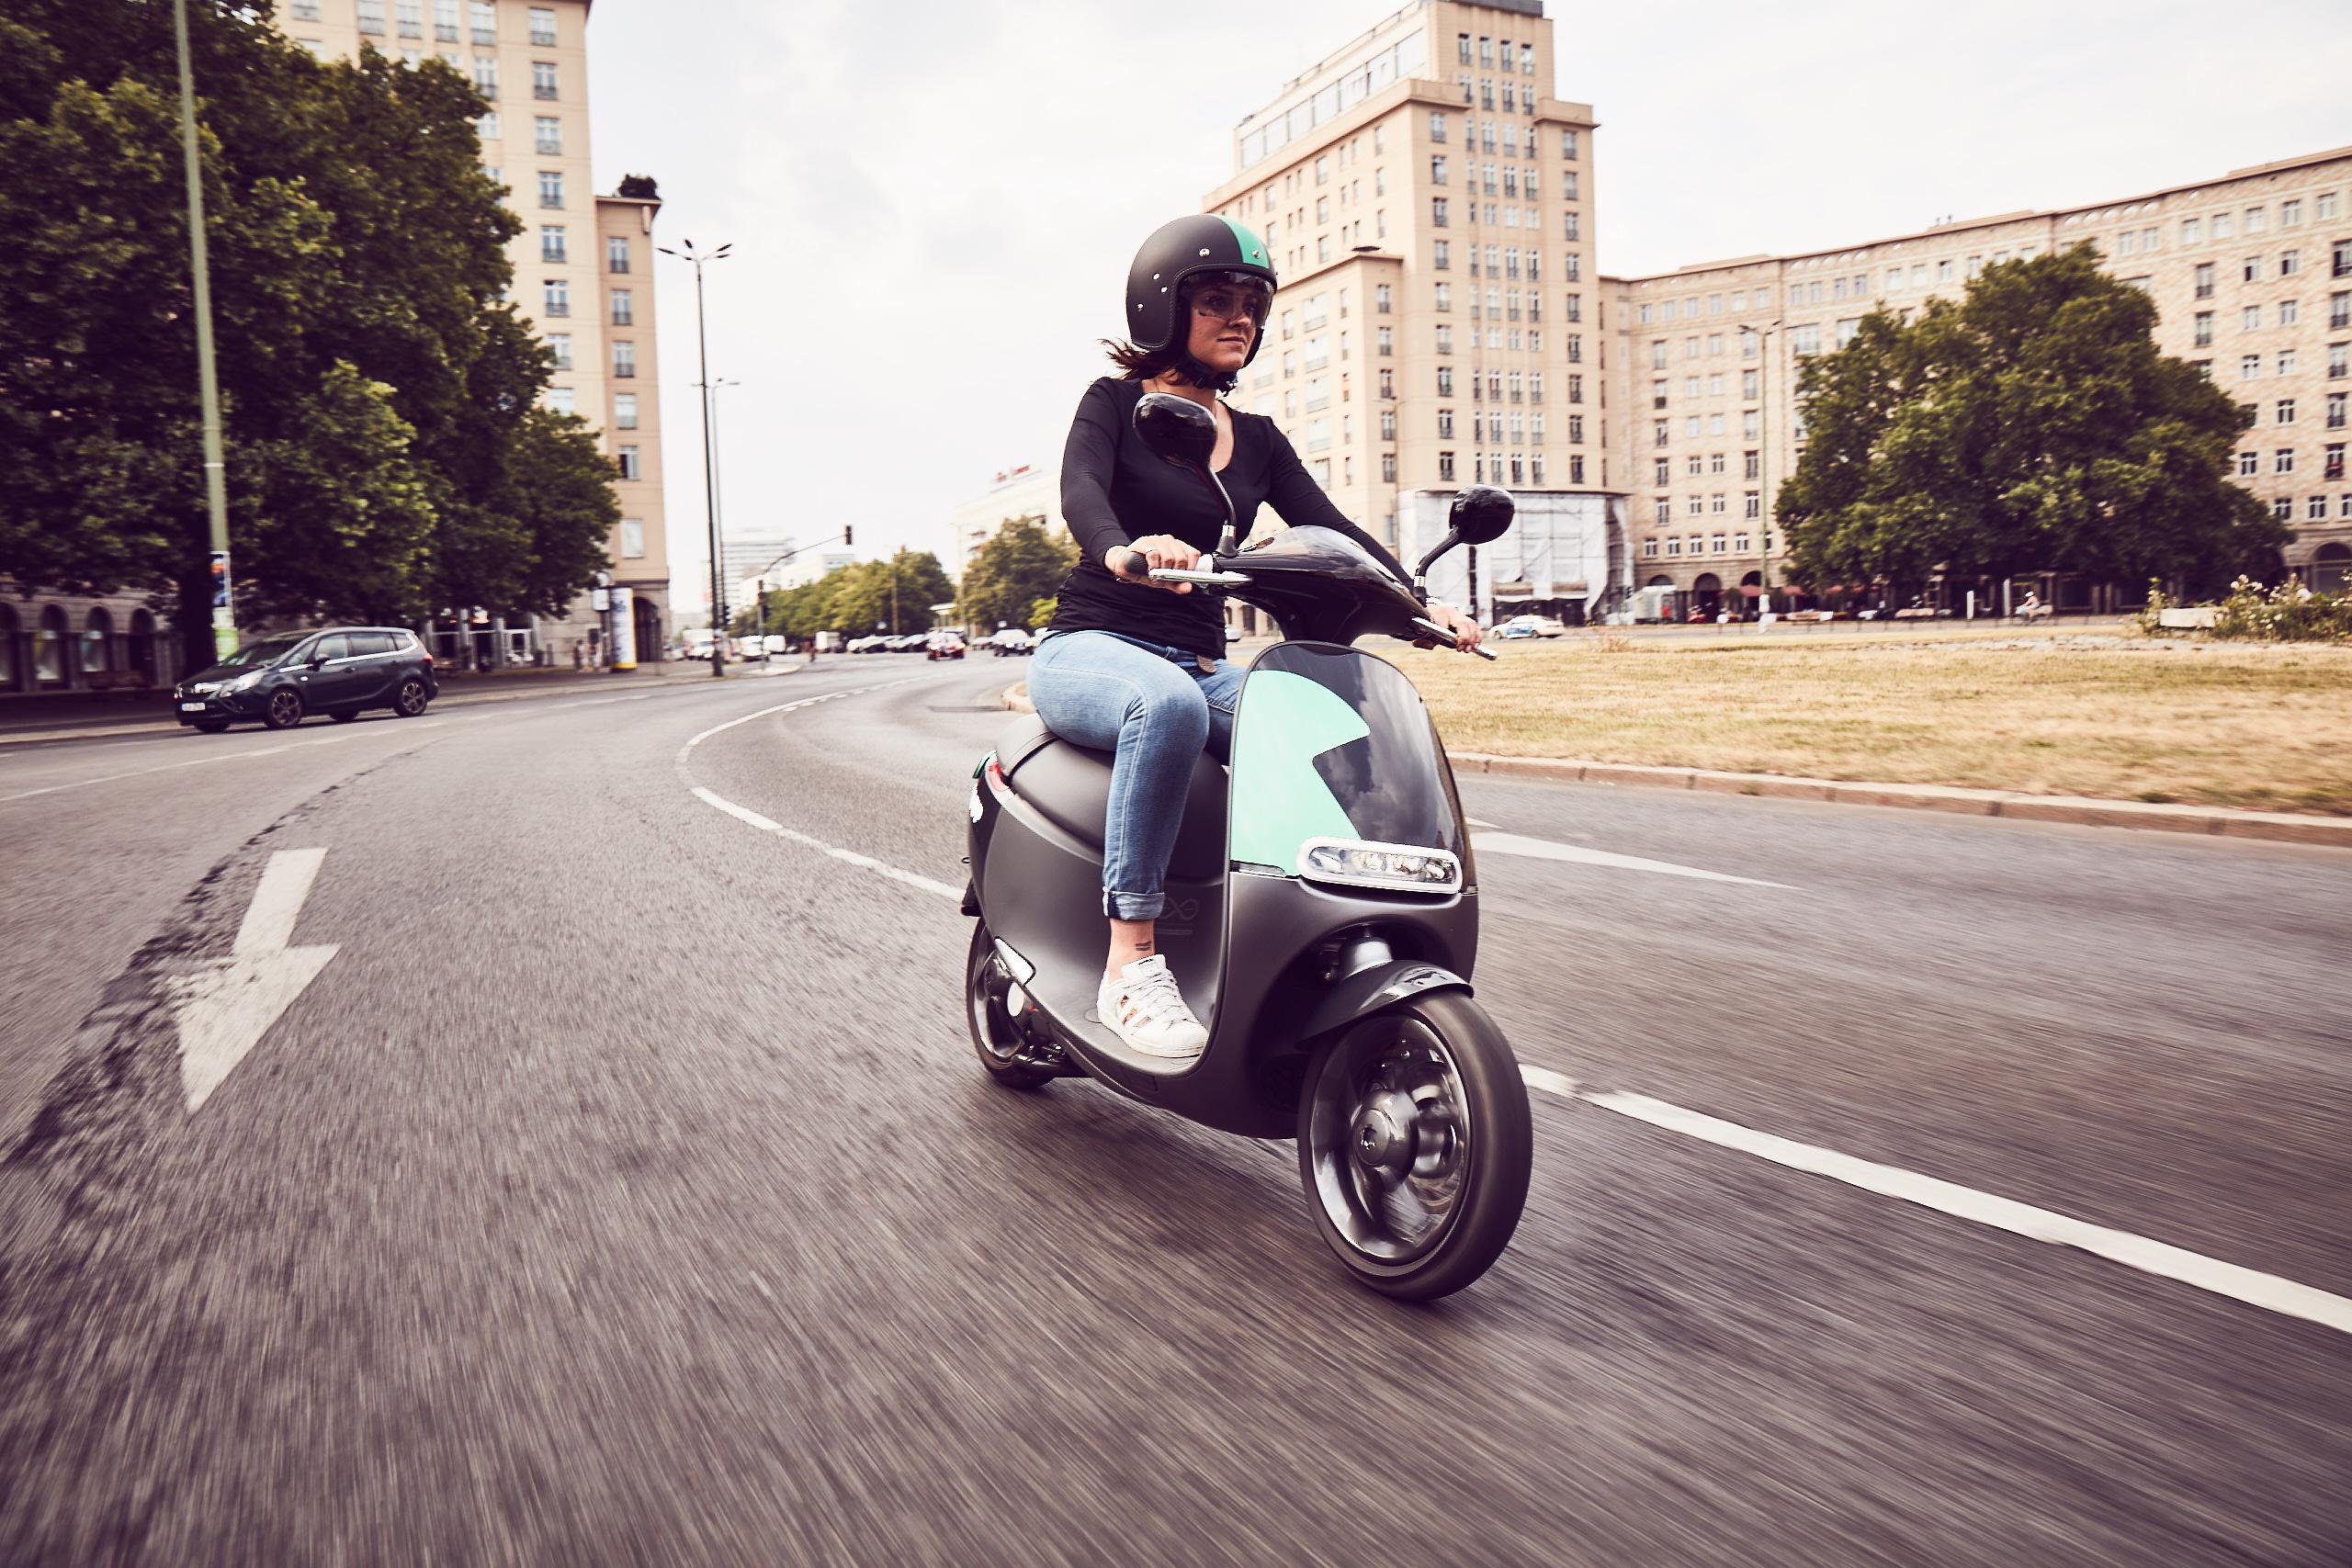 Jednostopá mobilita v metropolích: Rychlá, flexibilní a různorodá